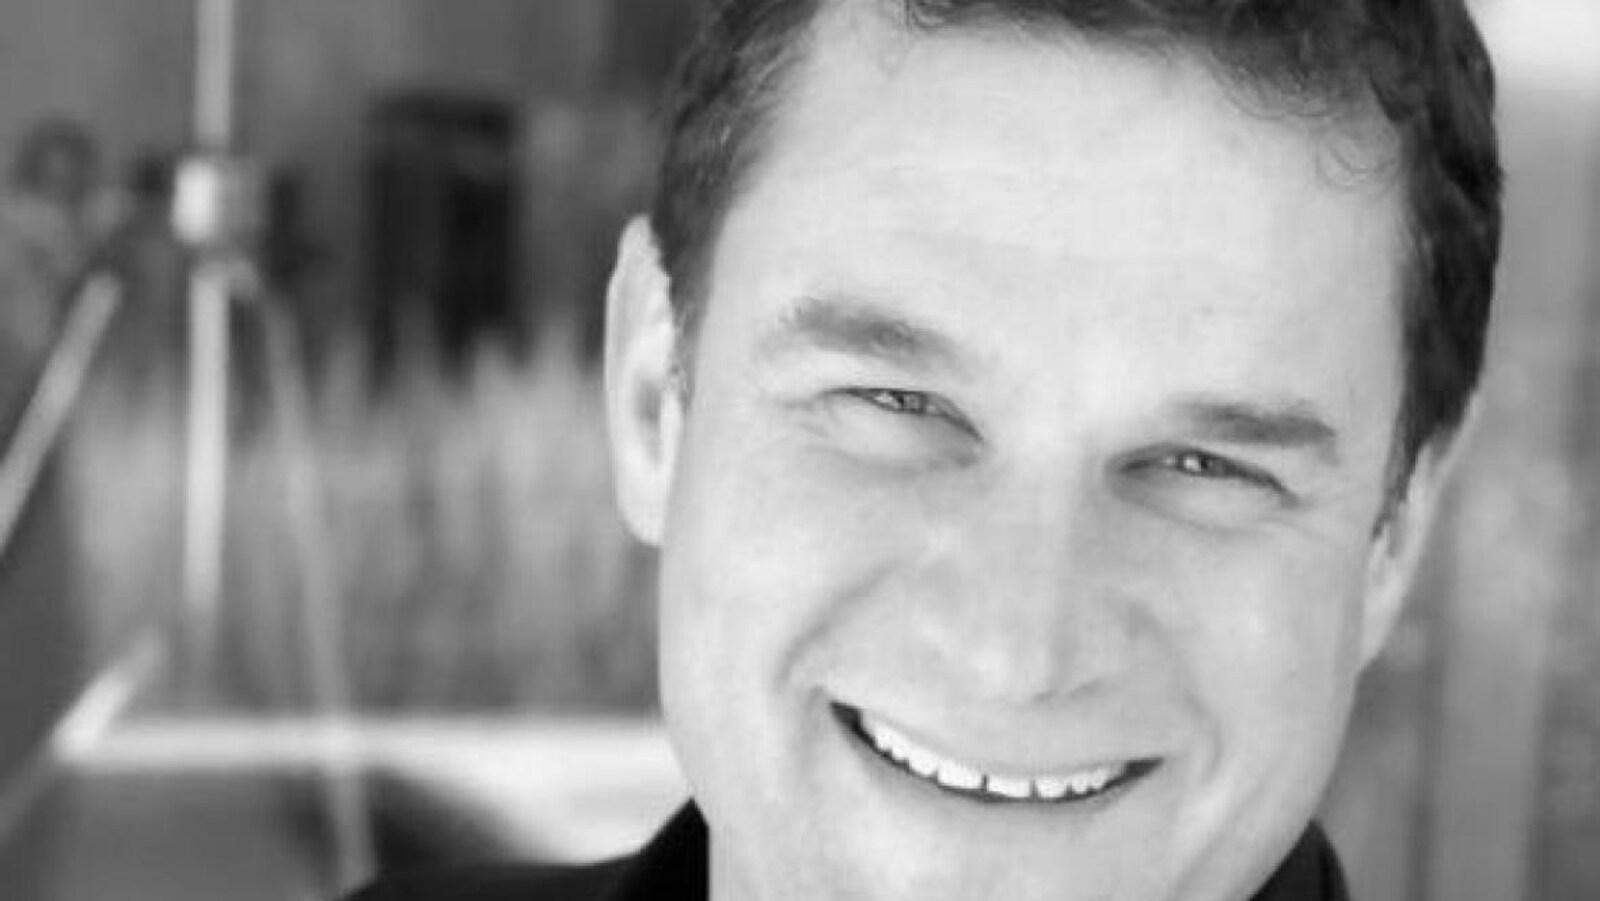 Un homme sourit dans une photo en noir et blanc.